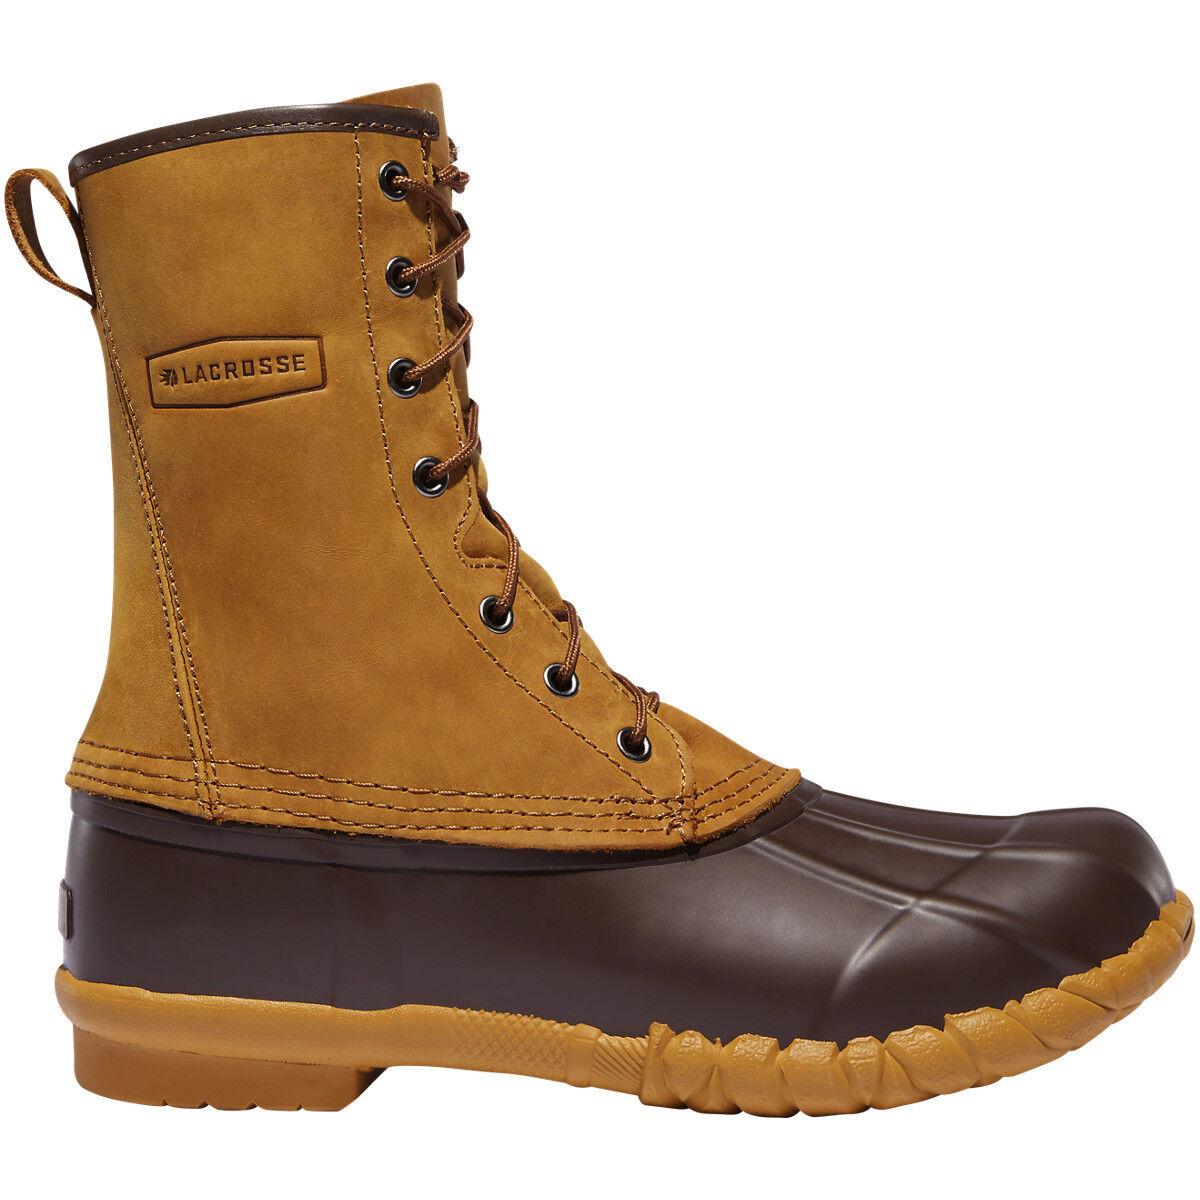 Lacrosse para hombres 273122 Uplander II 10  Marrón Aire Libre Invierno Nieve Calzado botas